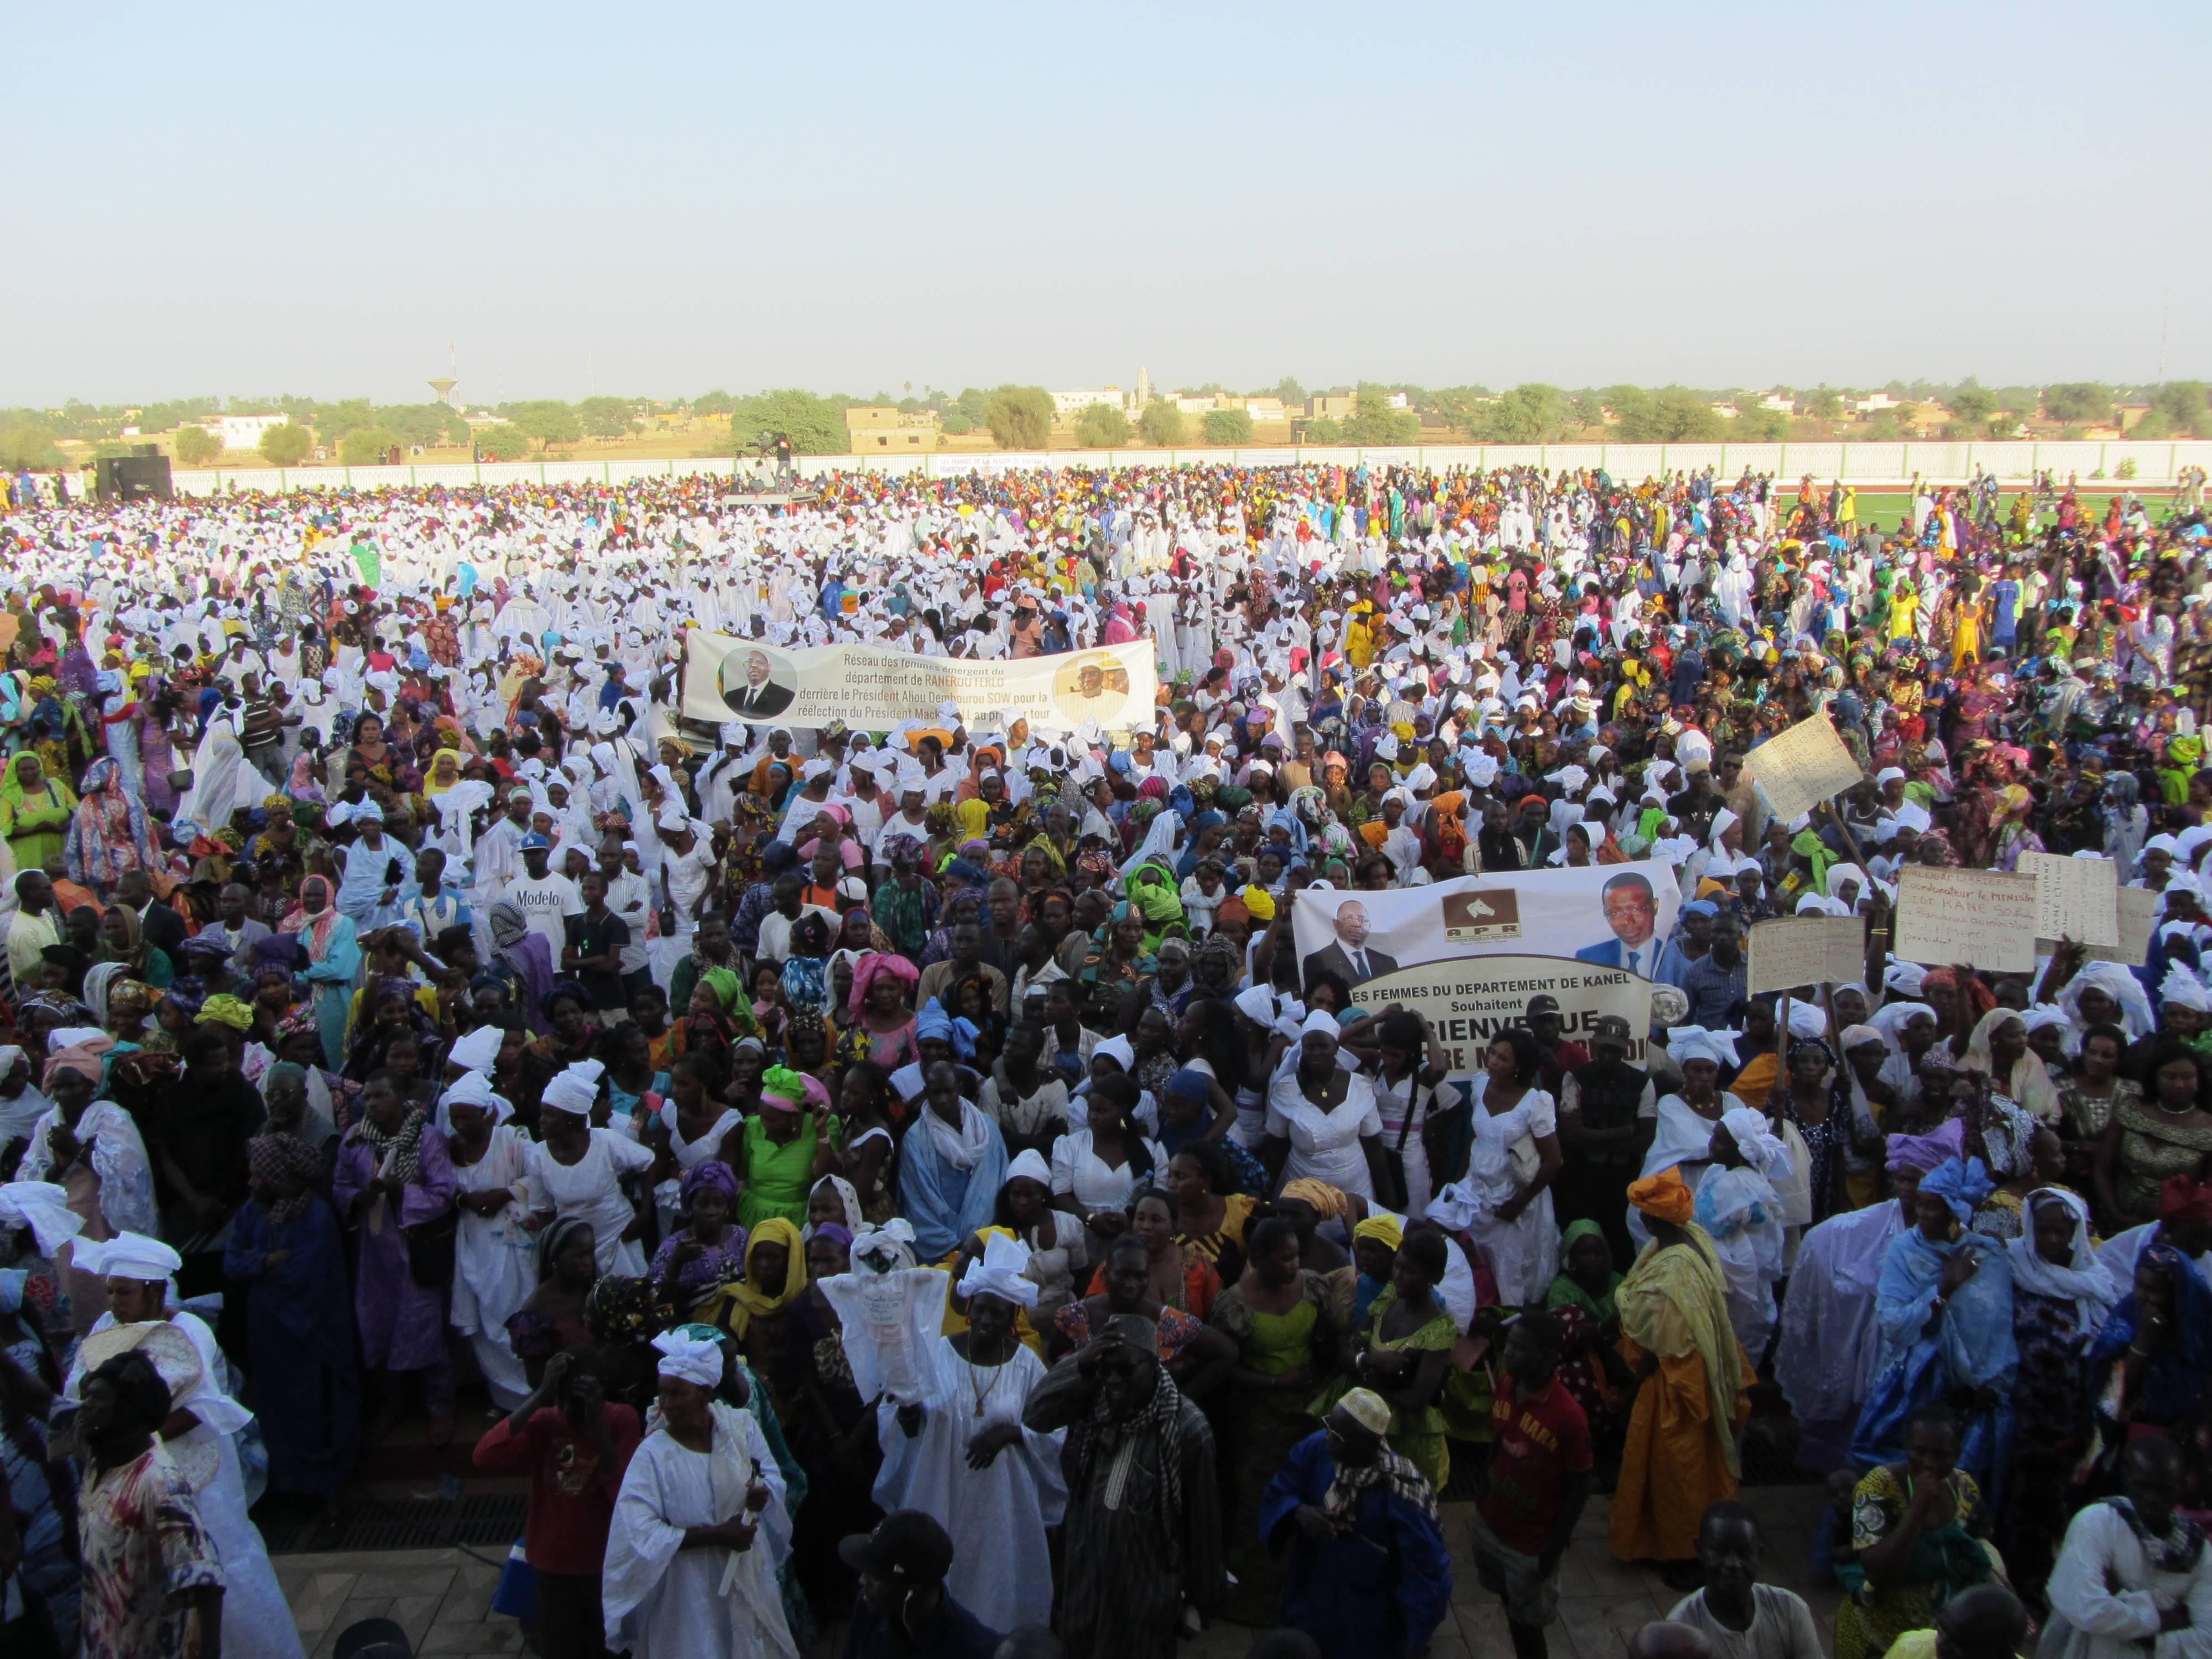 Macky Sall casque 600 millions pour les femmes de Matam